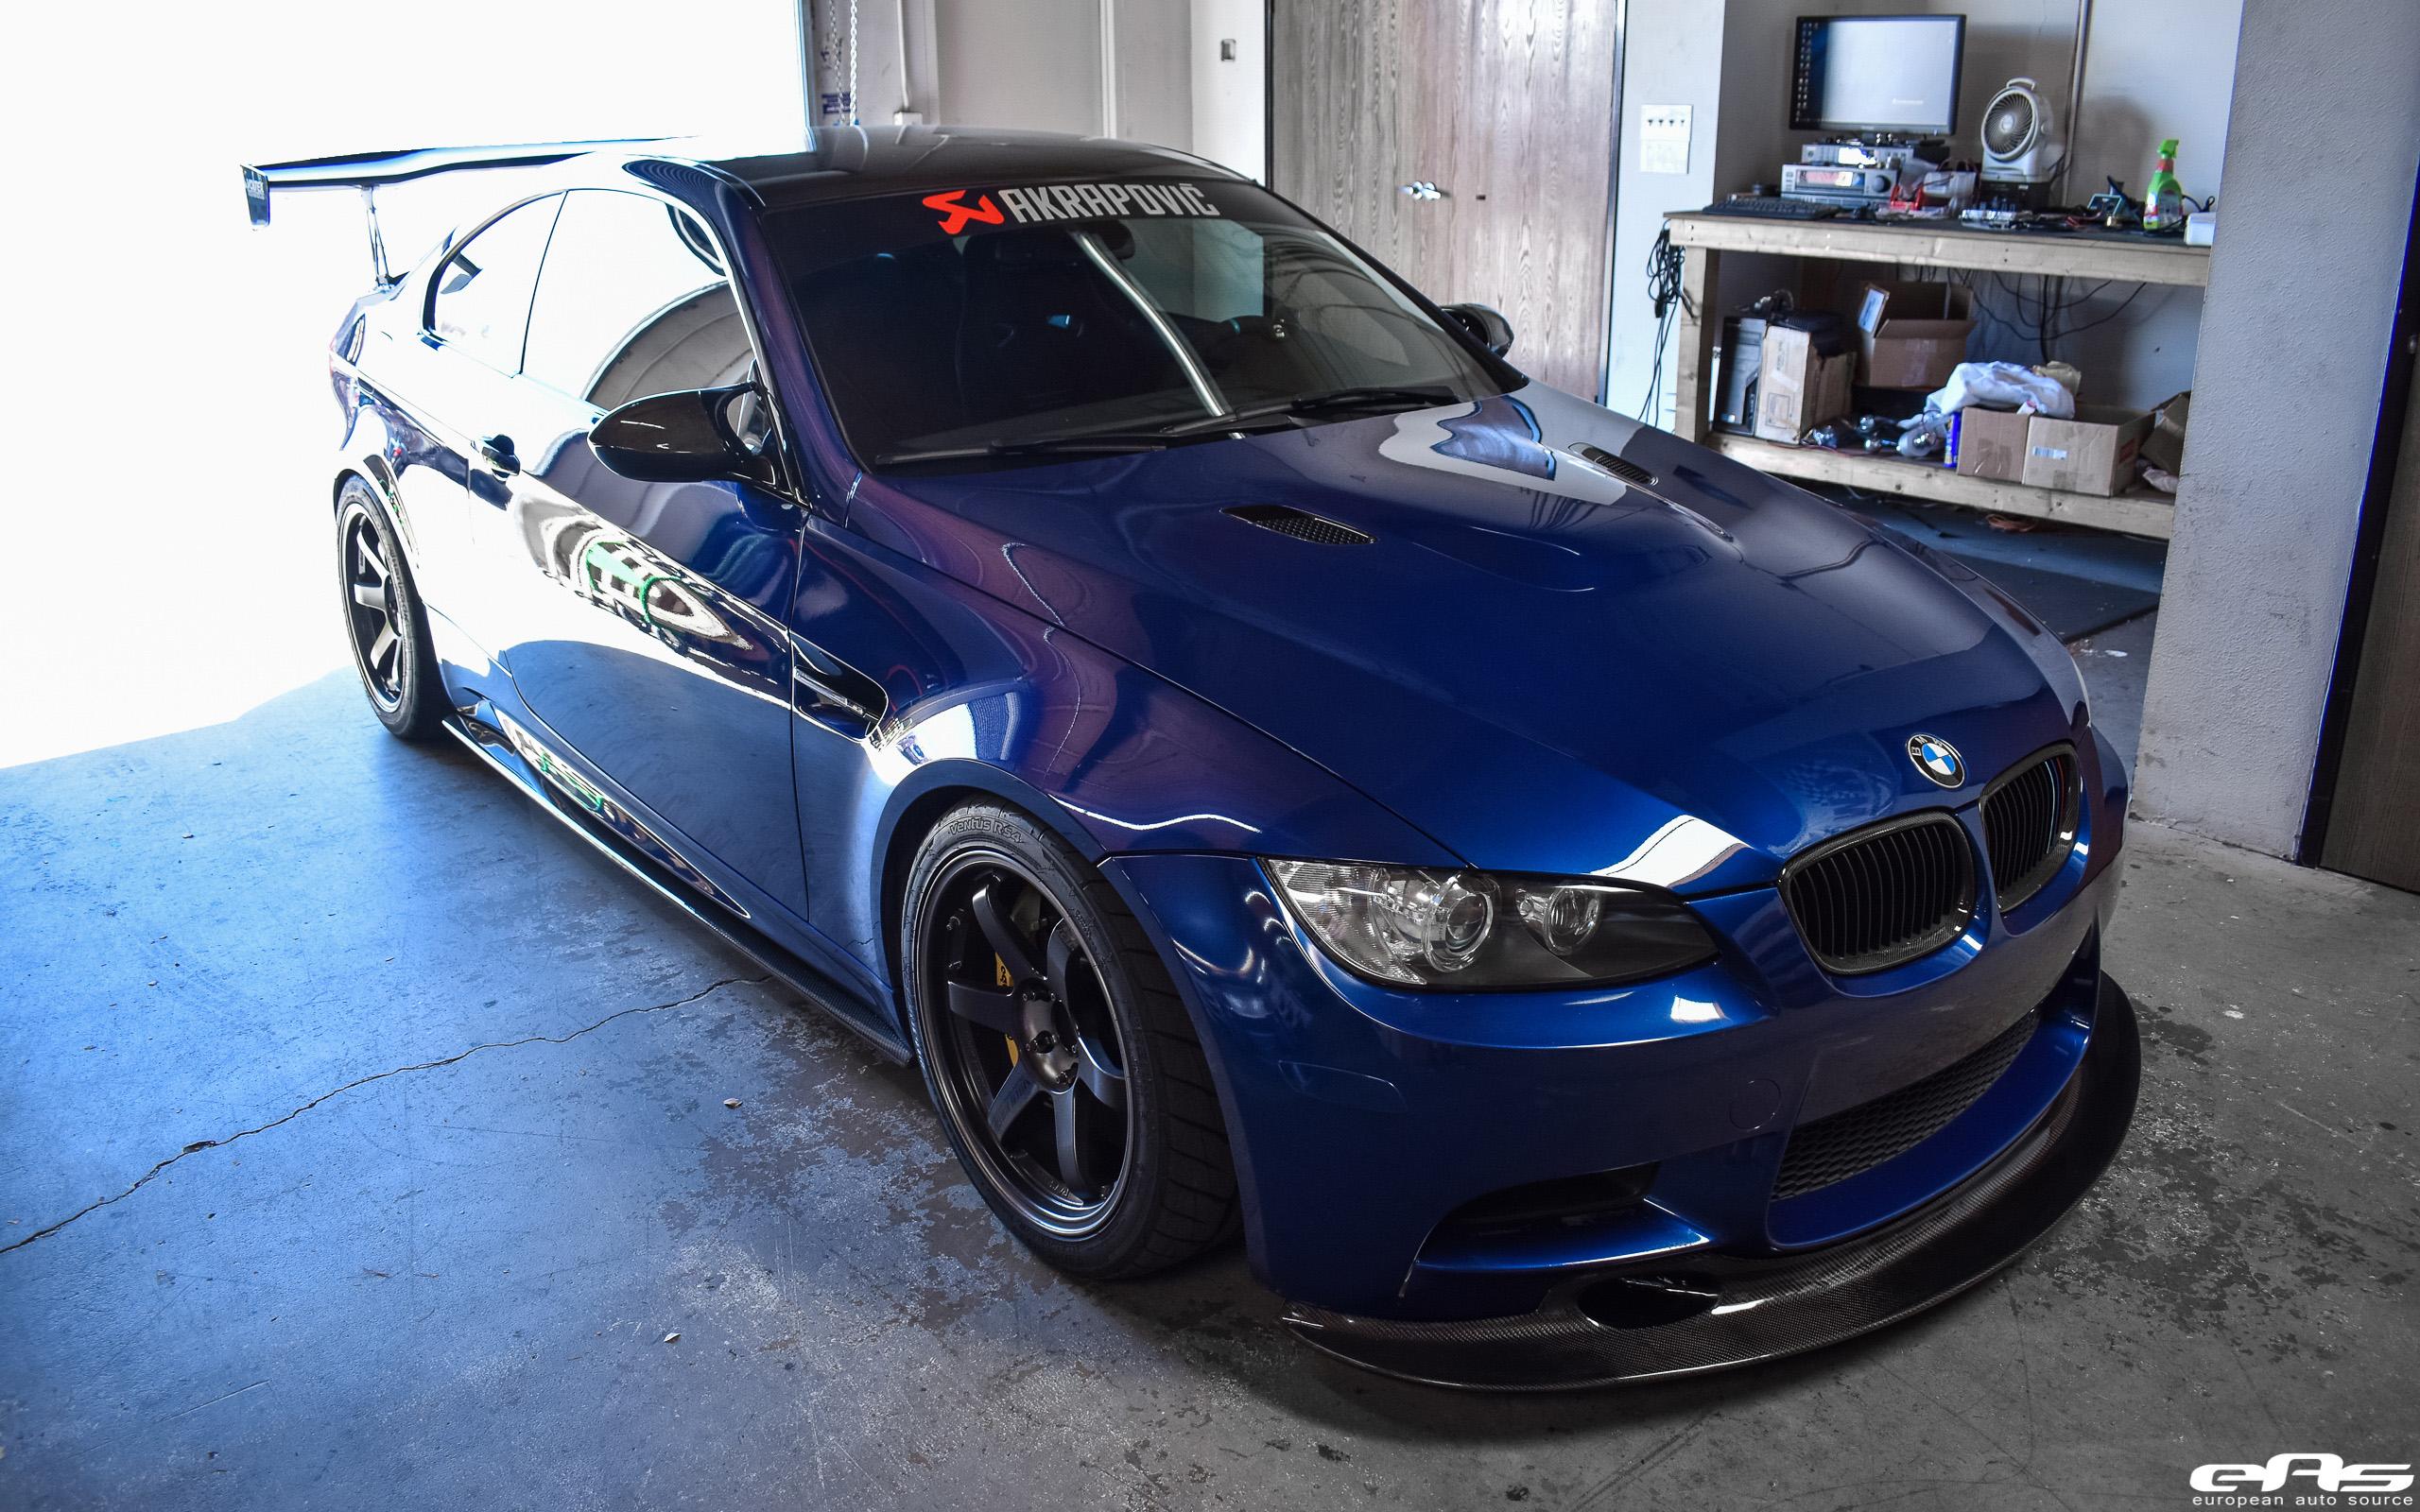 Le Mans Blue E92 M3 Jdm Style Bmw Performance Parts Services